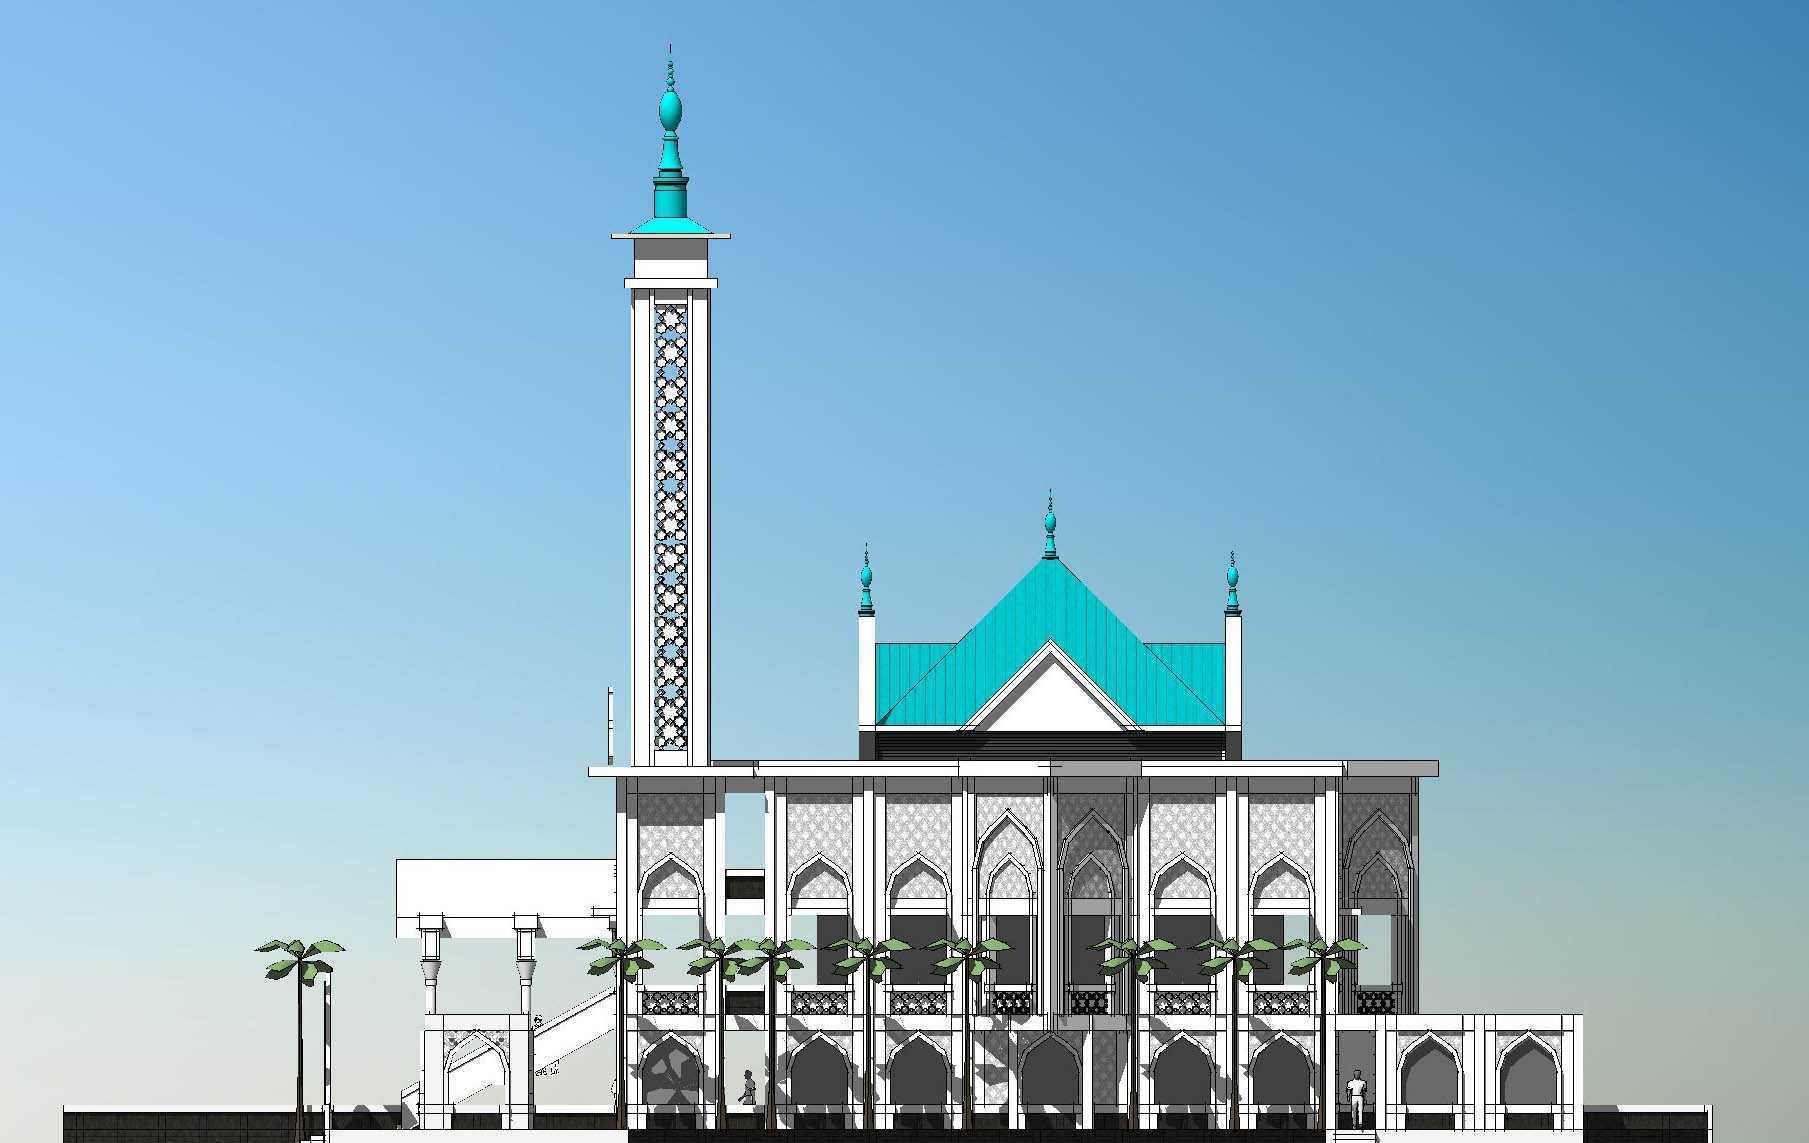 Arsigram Masjid At Serpong Serpong, Kota Tangerang Selatan, Banten, Indonesia Serpong, Kota Tangerang Selatan, Banten, Indonesia Side View Minimalis  42718